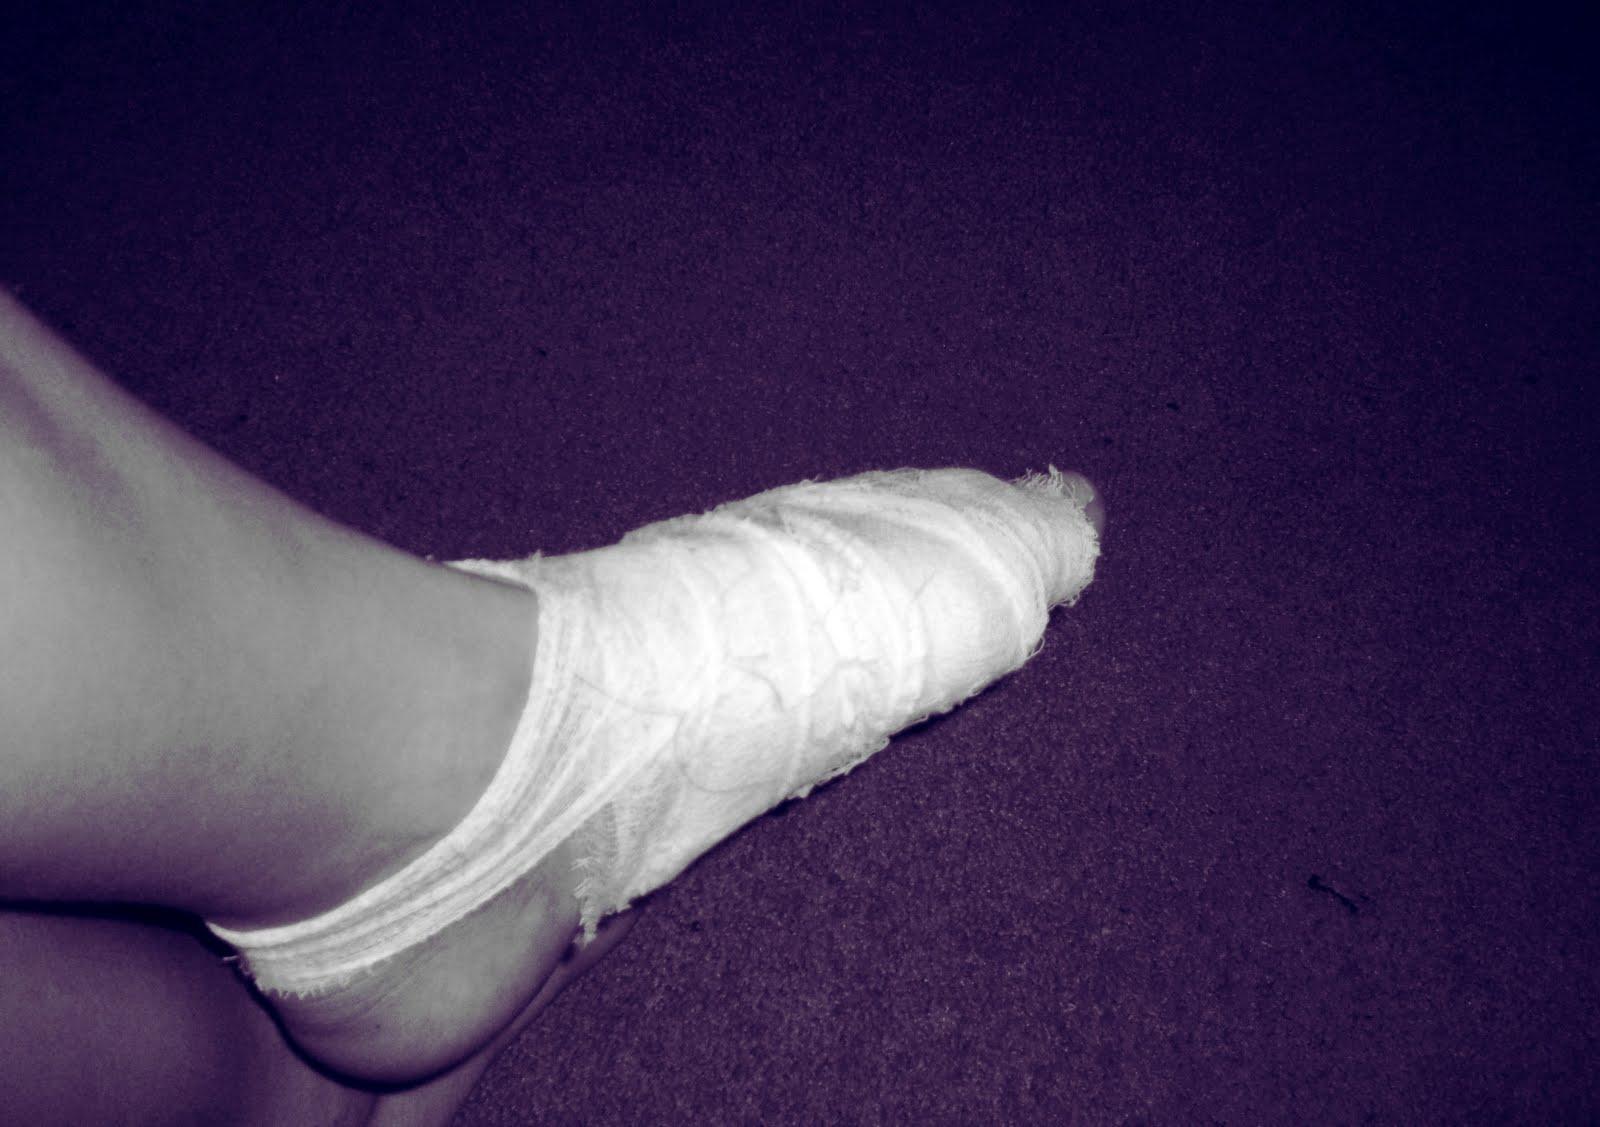 перелом пальца на ноге как зафиксировать